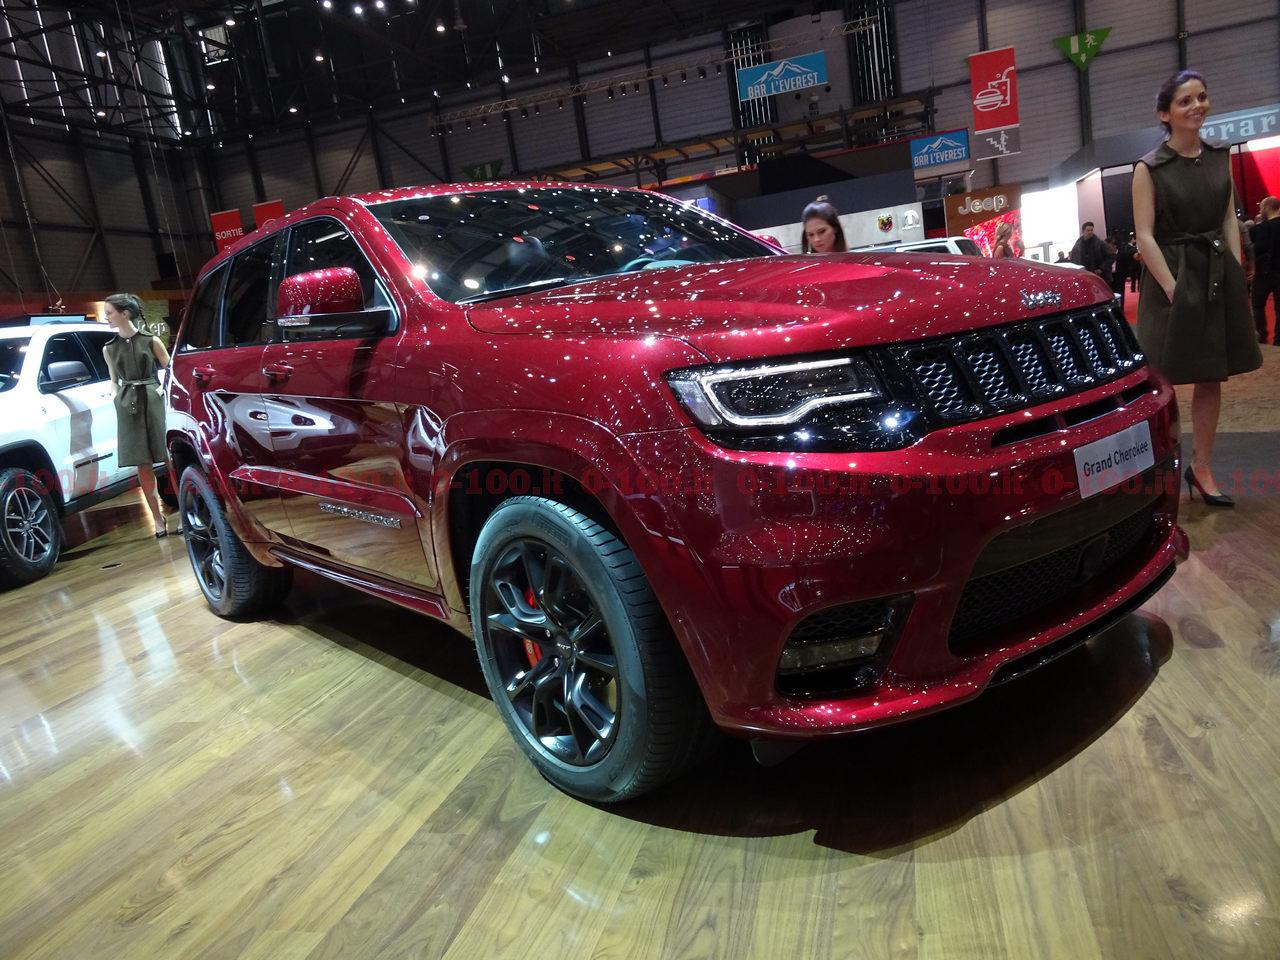 ginevra-geneva-geneve-2017_jeep-0-100_20